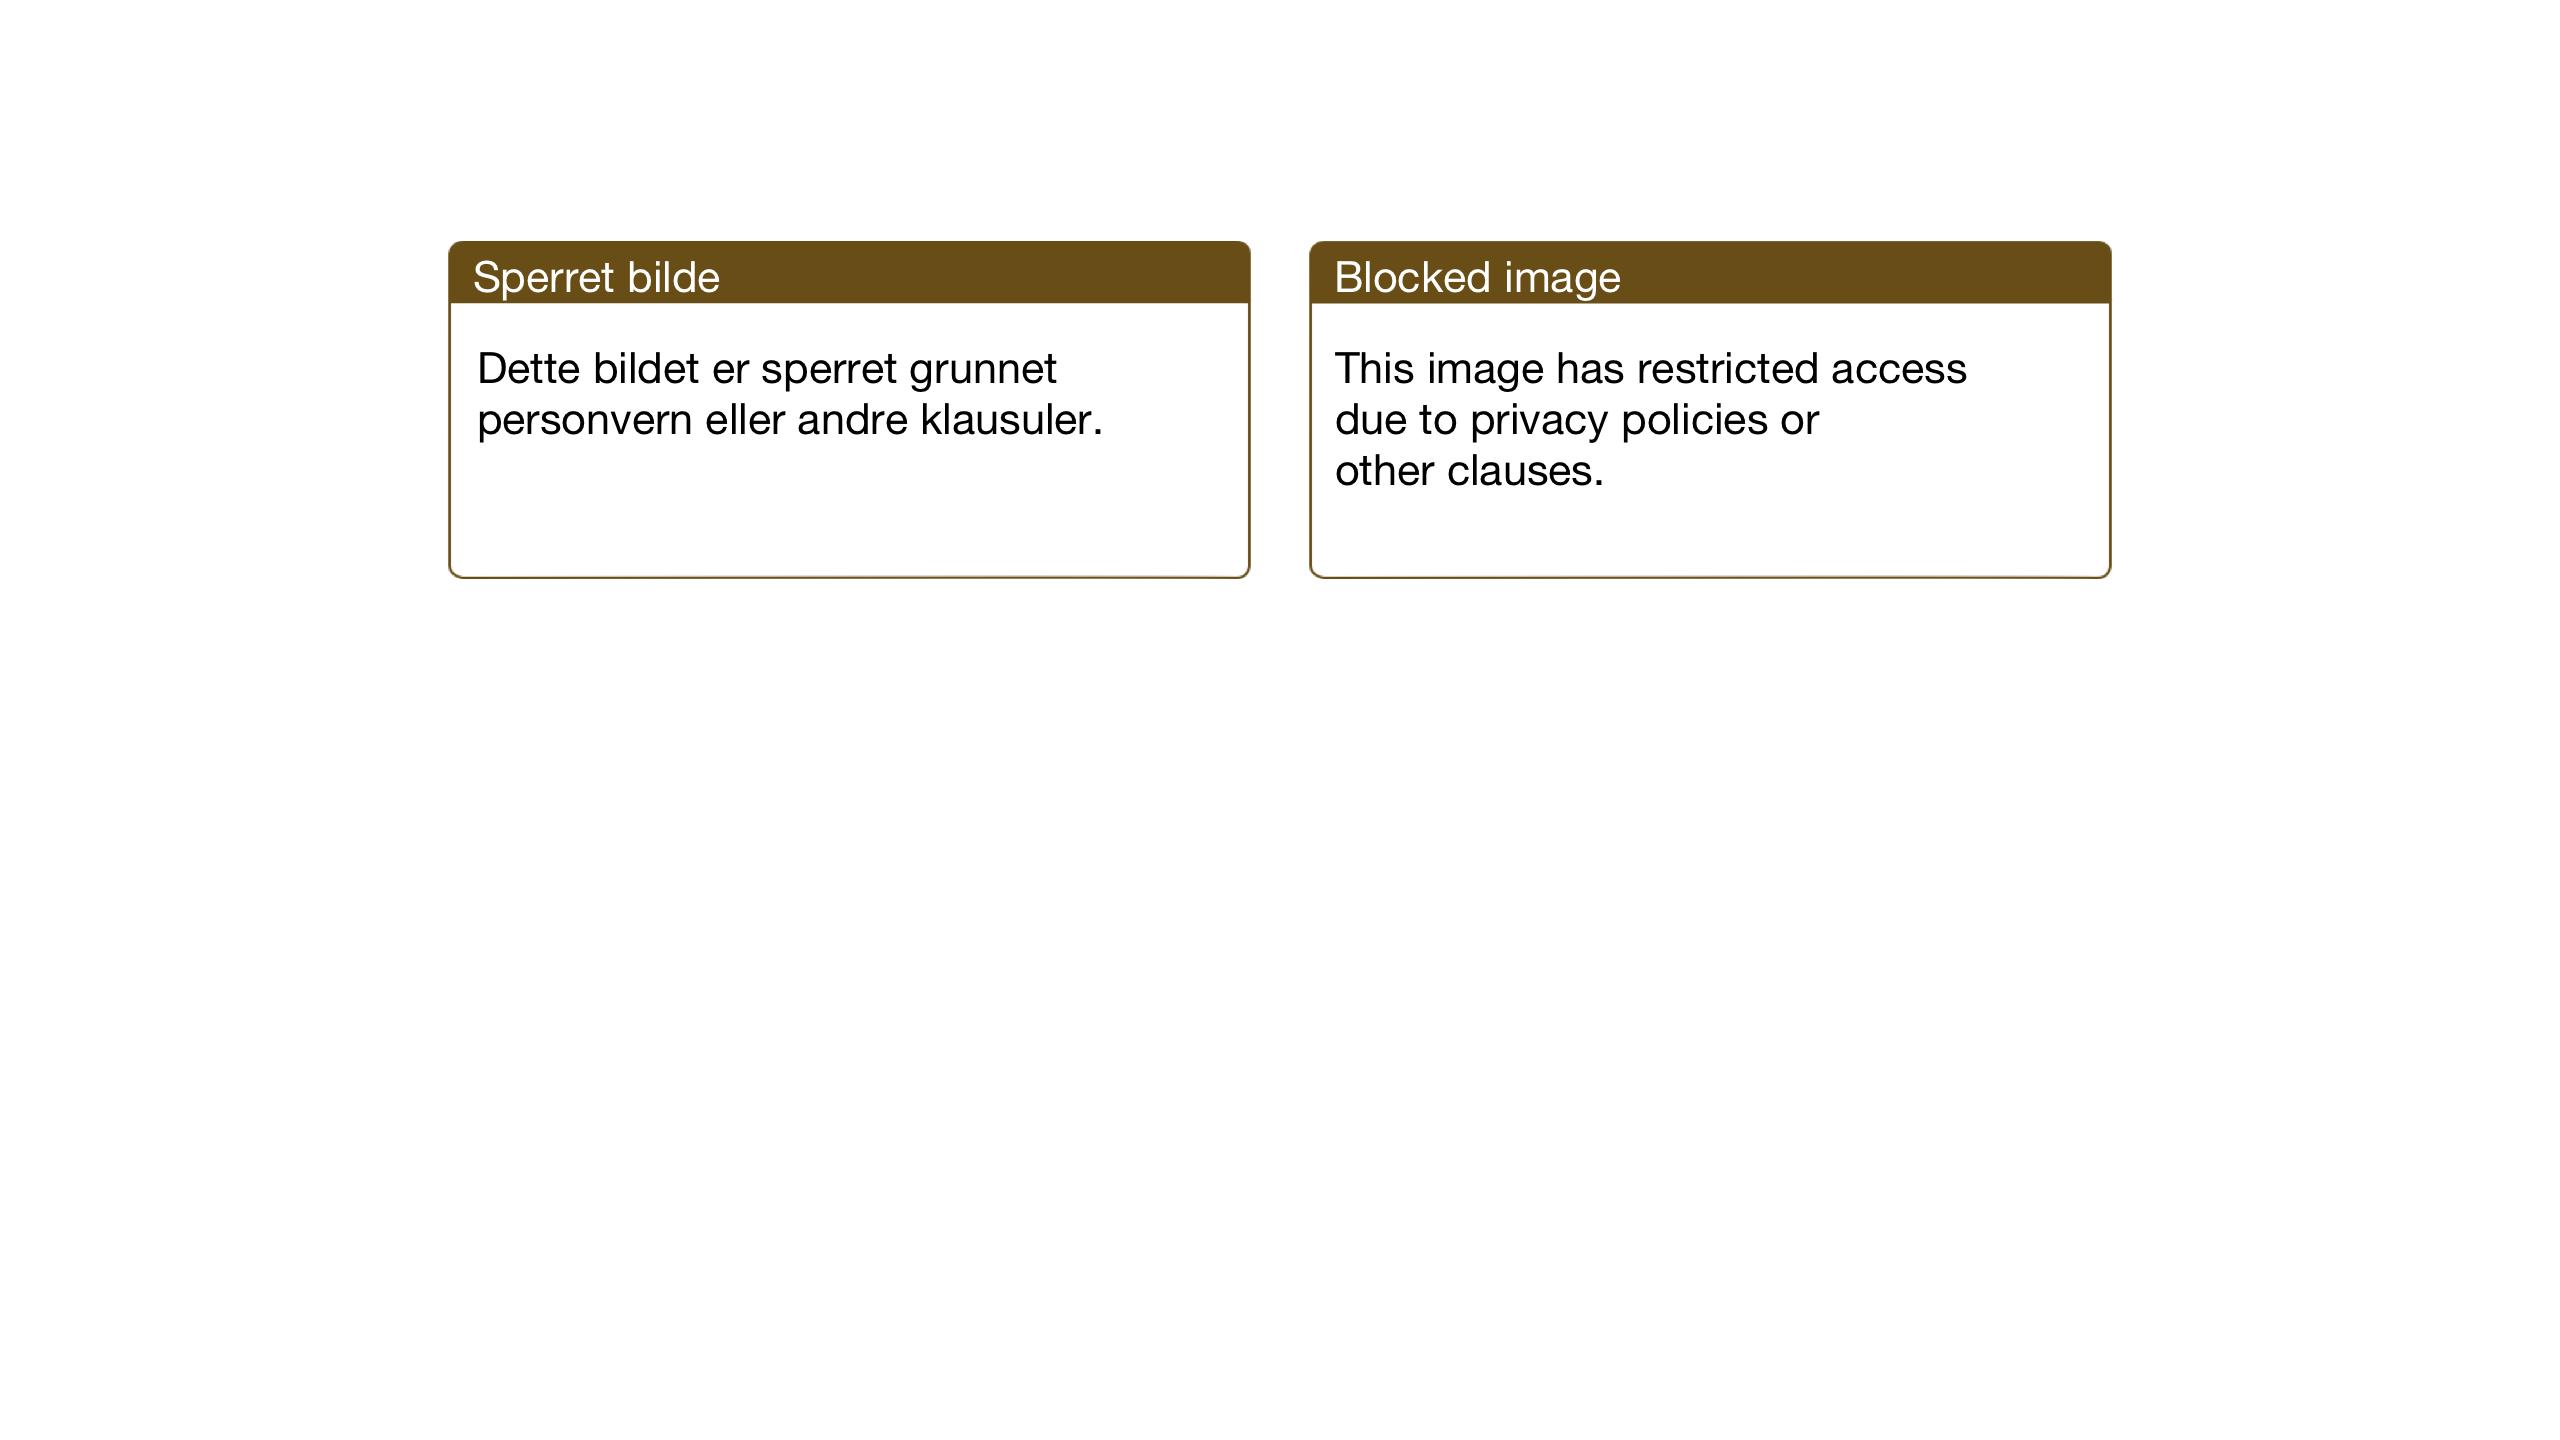 SAT, Ministerialprotokoller, klokkerbøker og fødselsregistre - Sør-Trøndelag, 603/L0174: Klokkerbok nr. 603C02, 1923-1951, s. 242